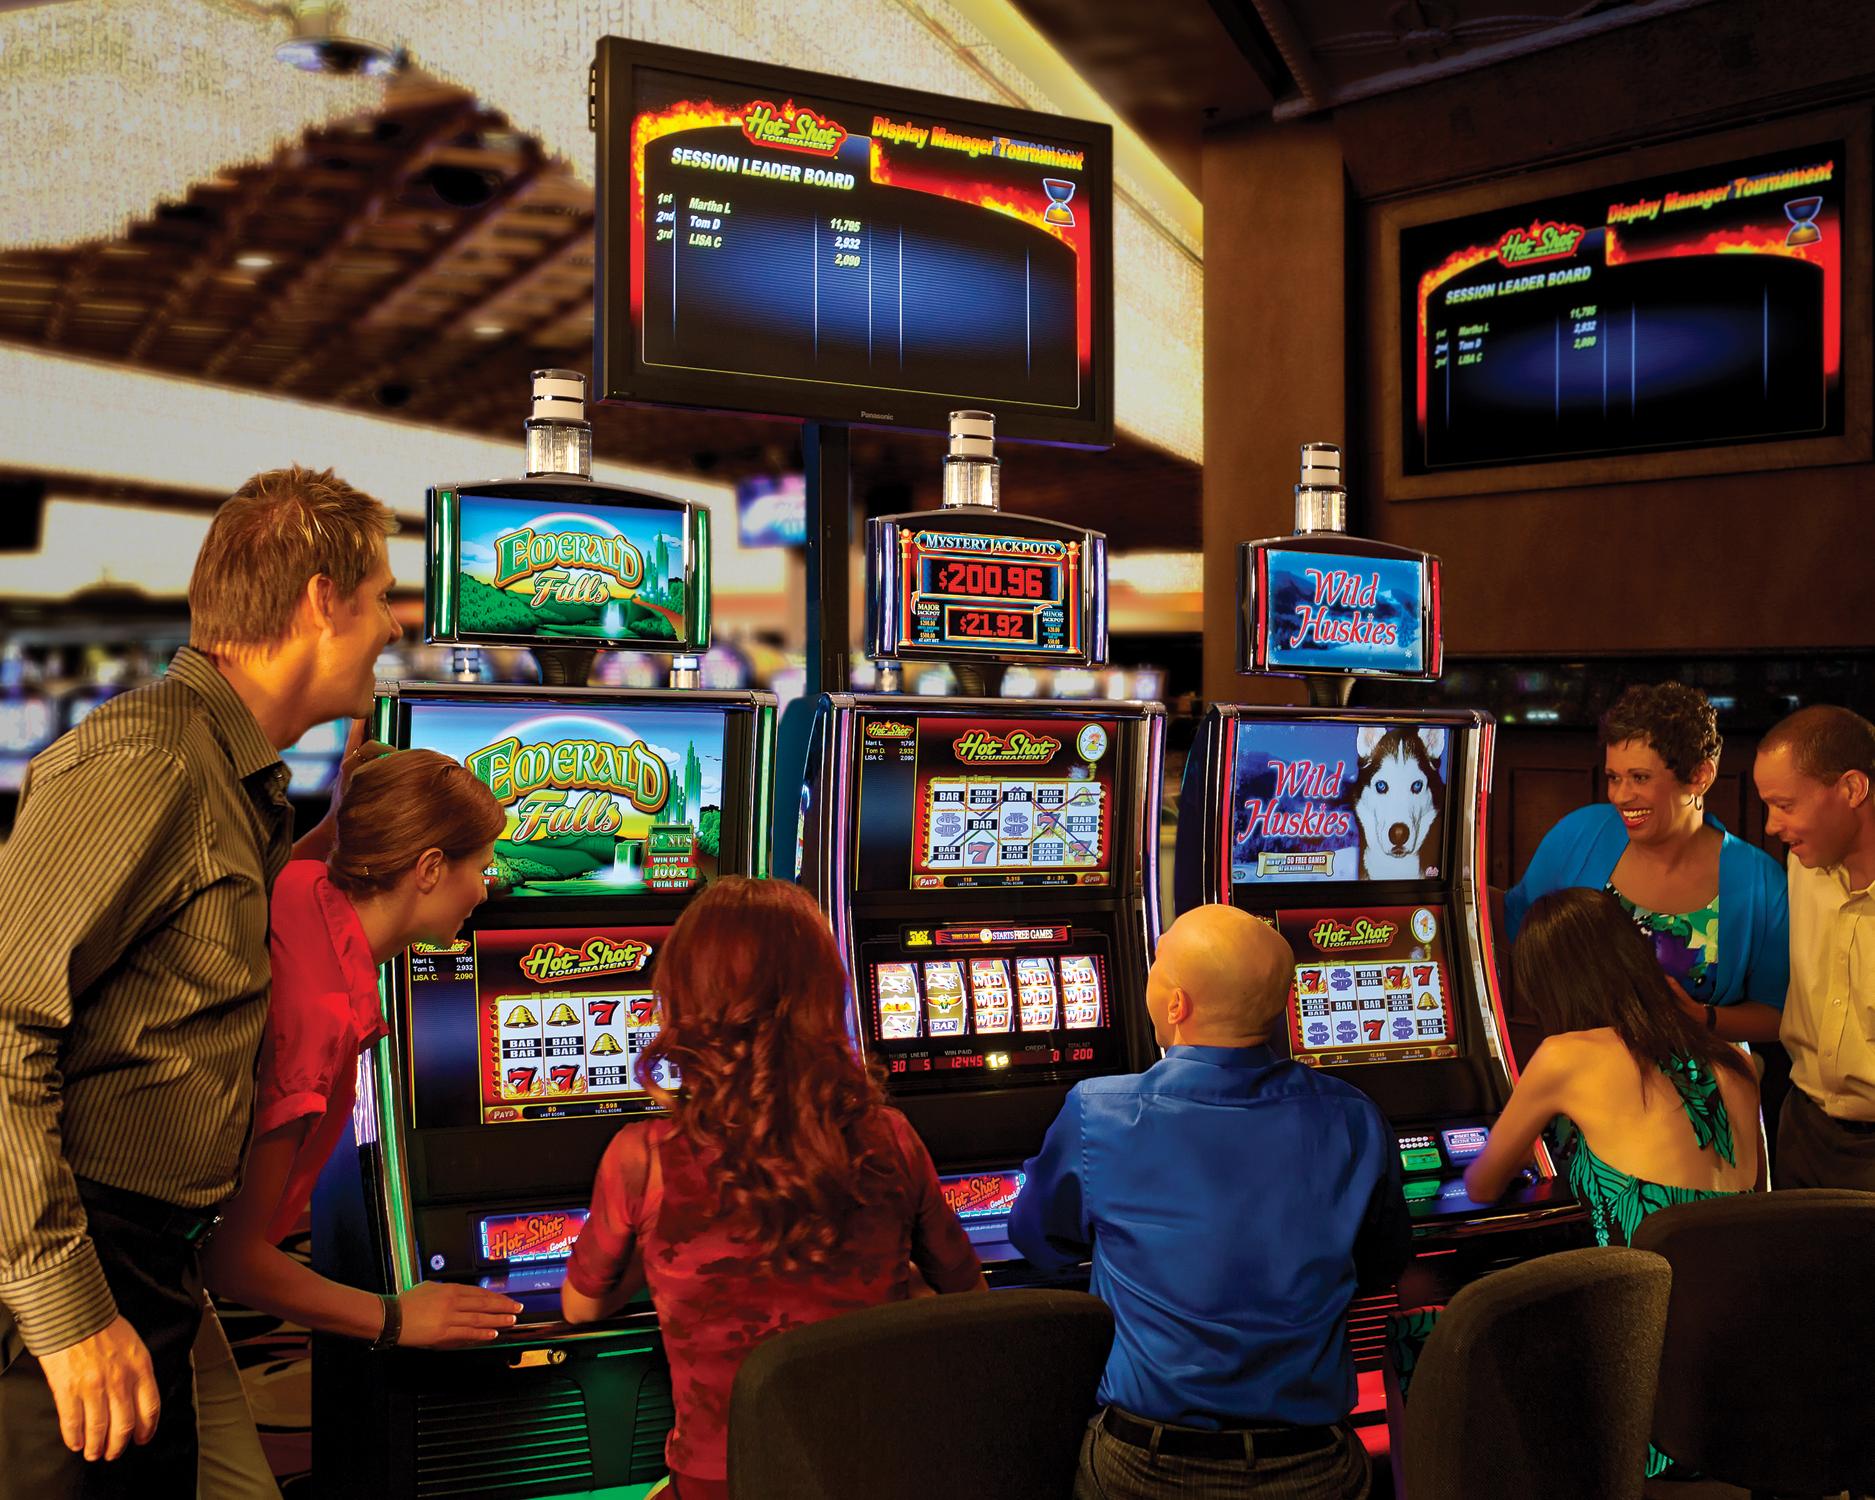 super specials get online quality design bally casino management - scabsinglineggapulch